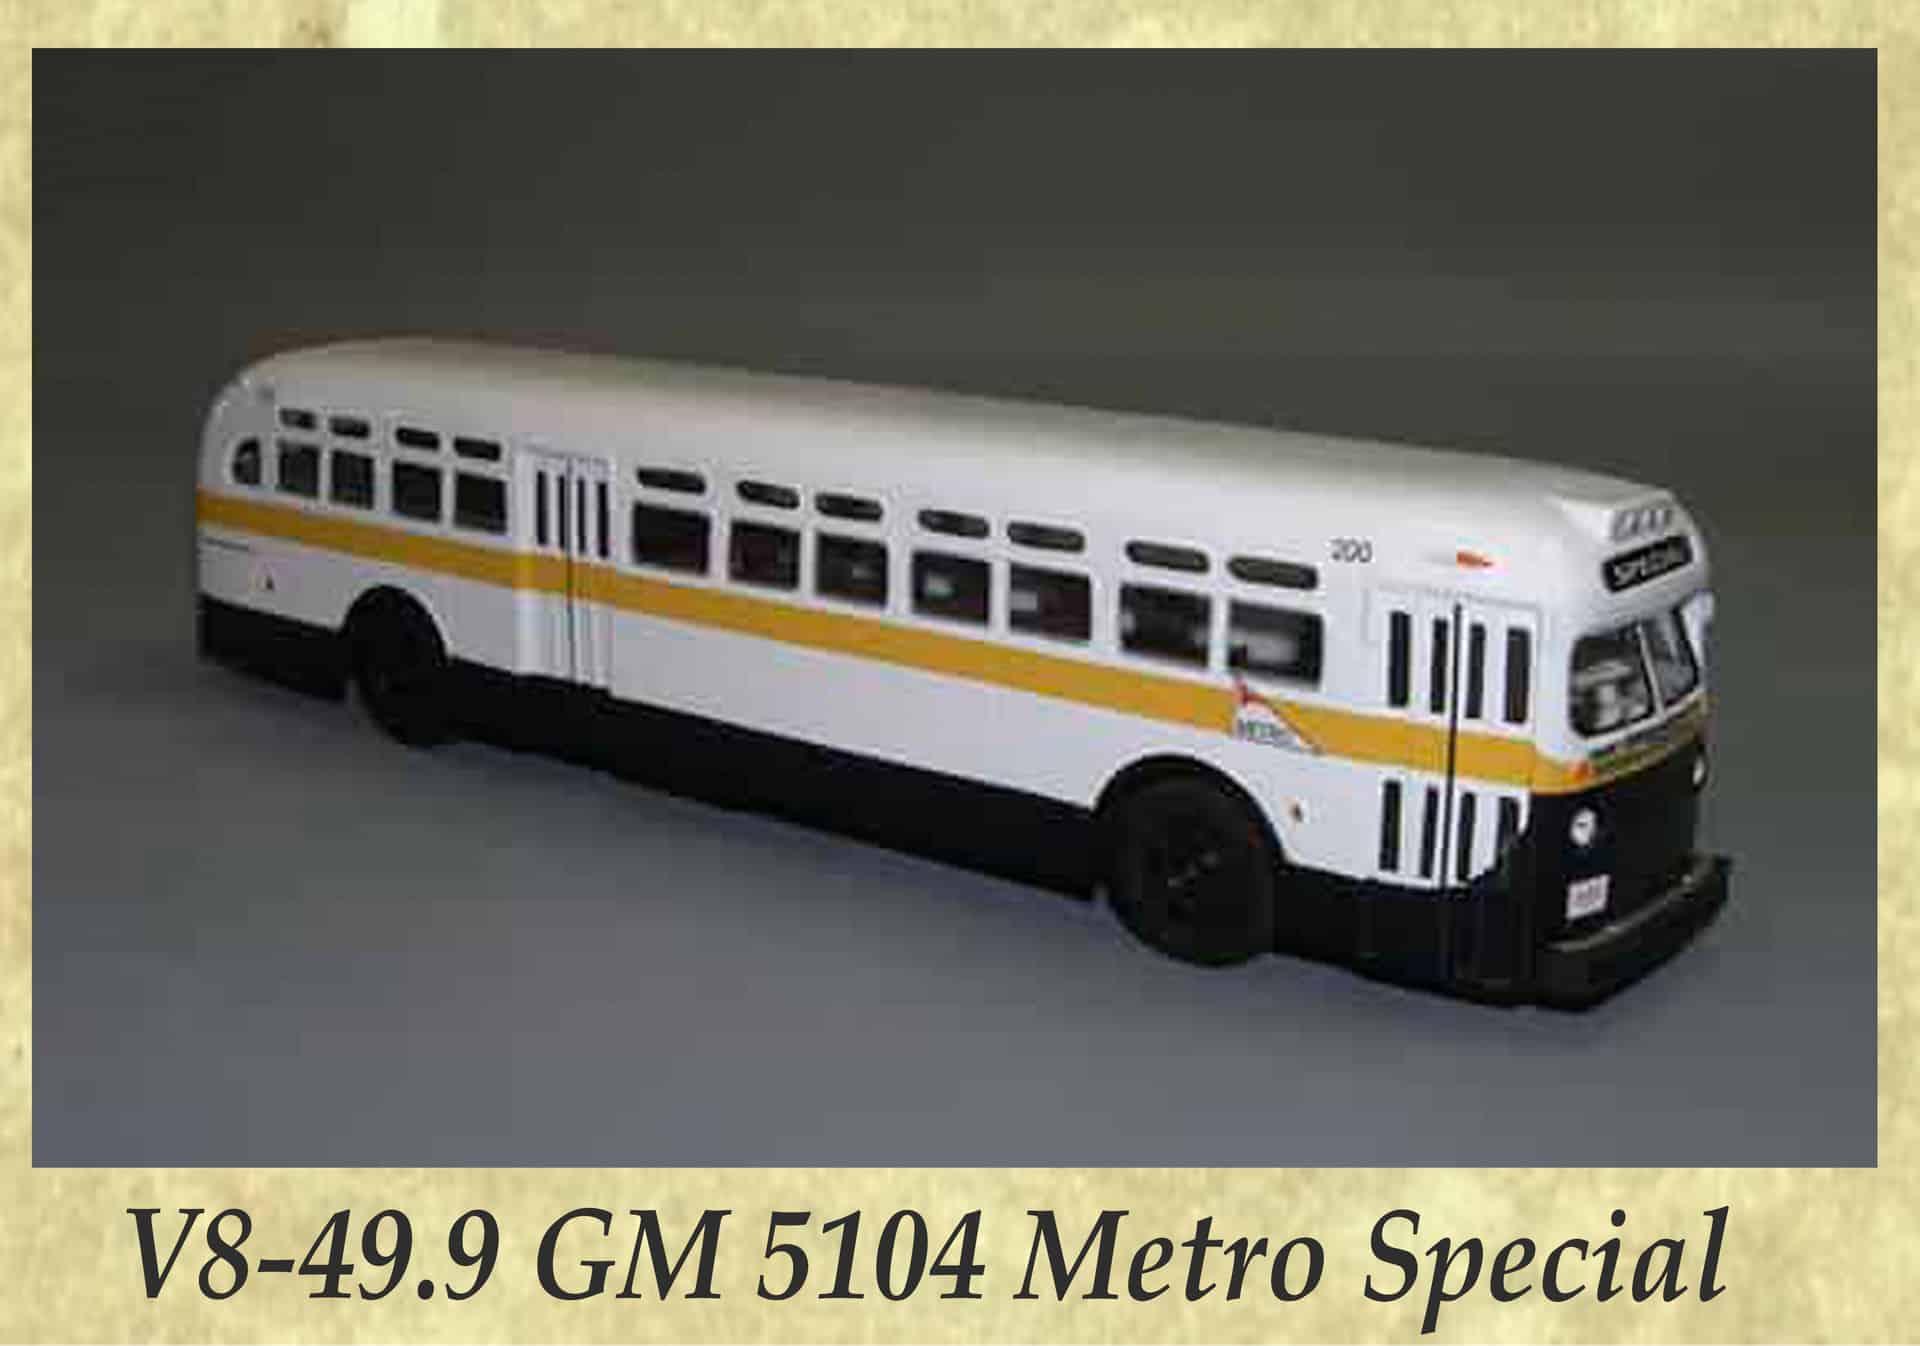 V8-49.9 GM 5104 Metro Special